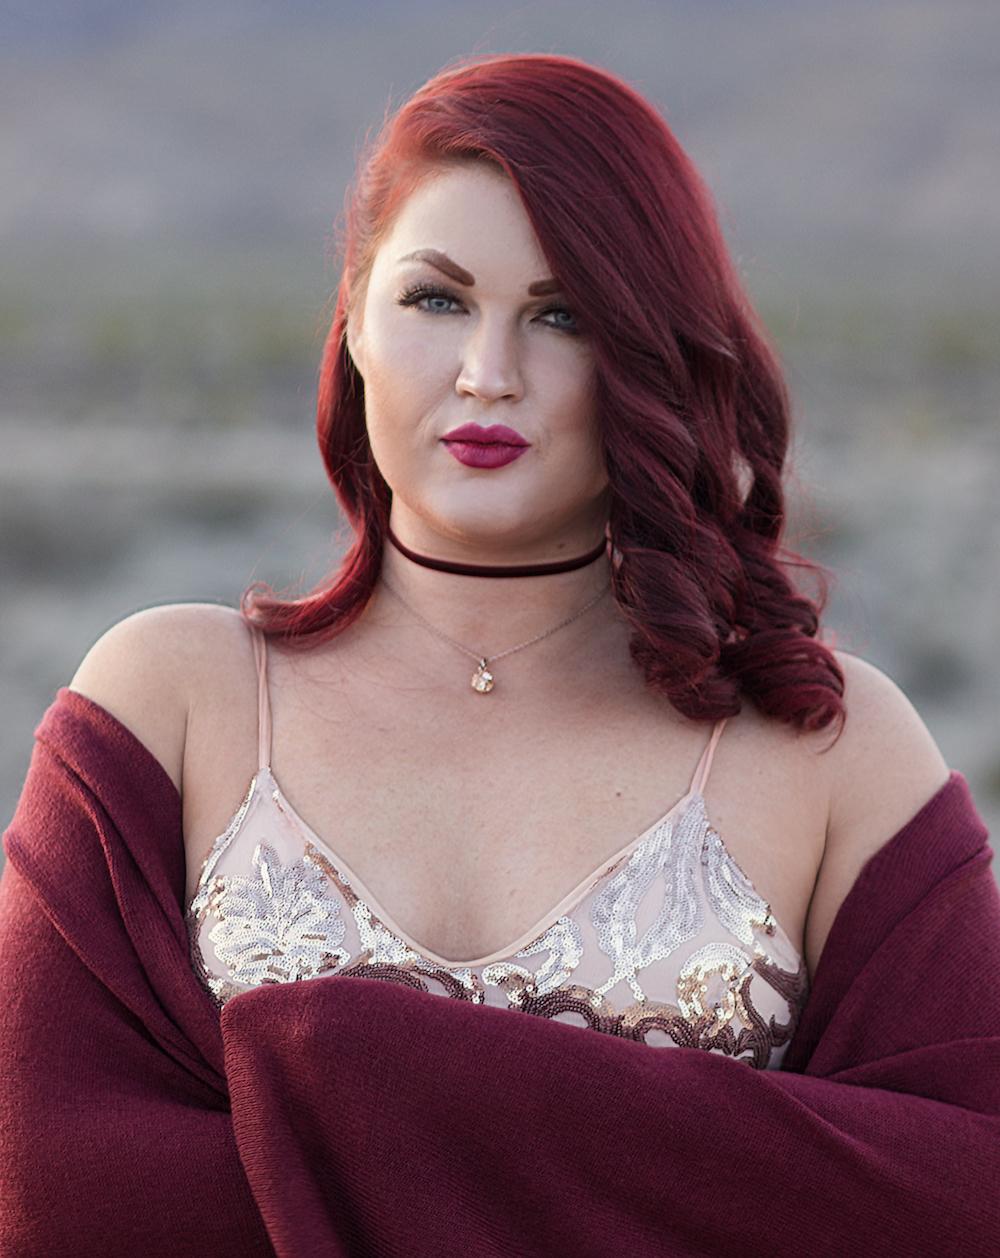 Lauren Kepler